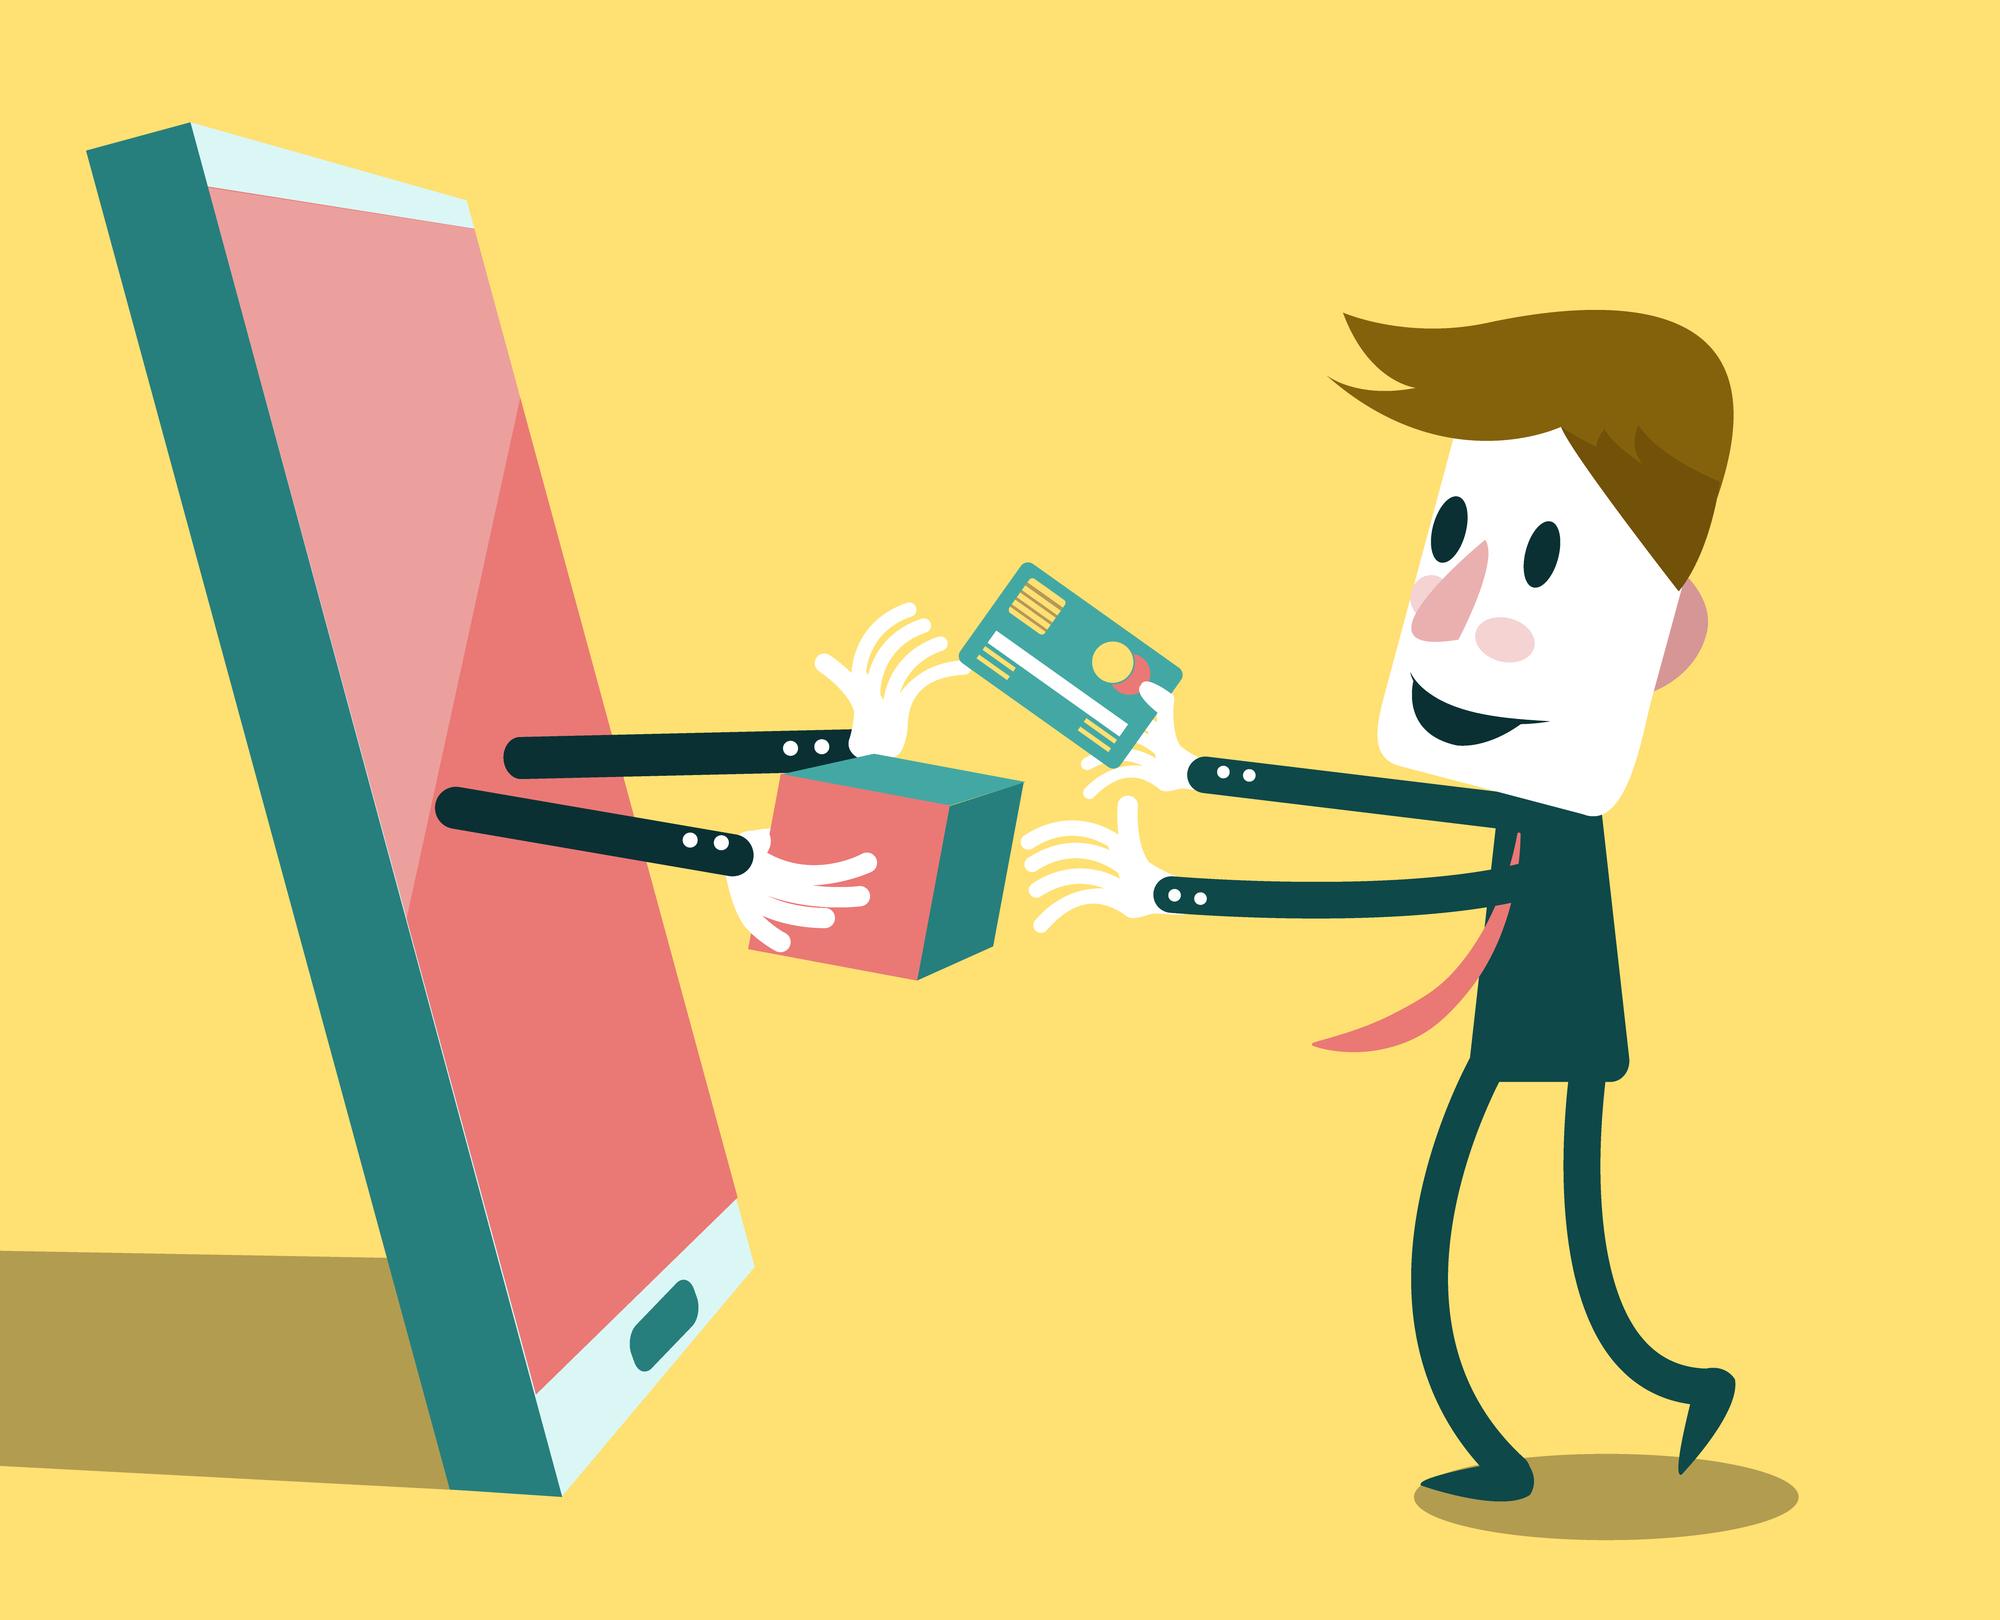 Постоянные клиенты приносят 80% дохода. Советы Promodo как зарабатывать в интернете